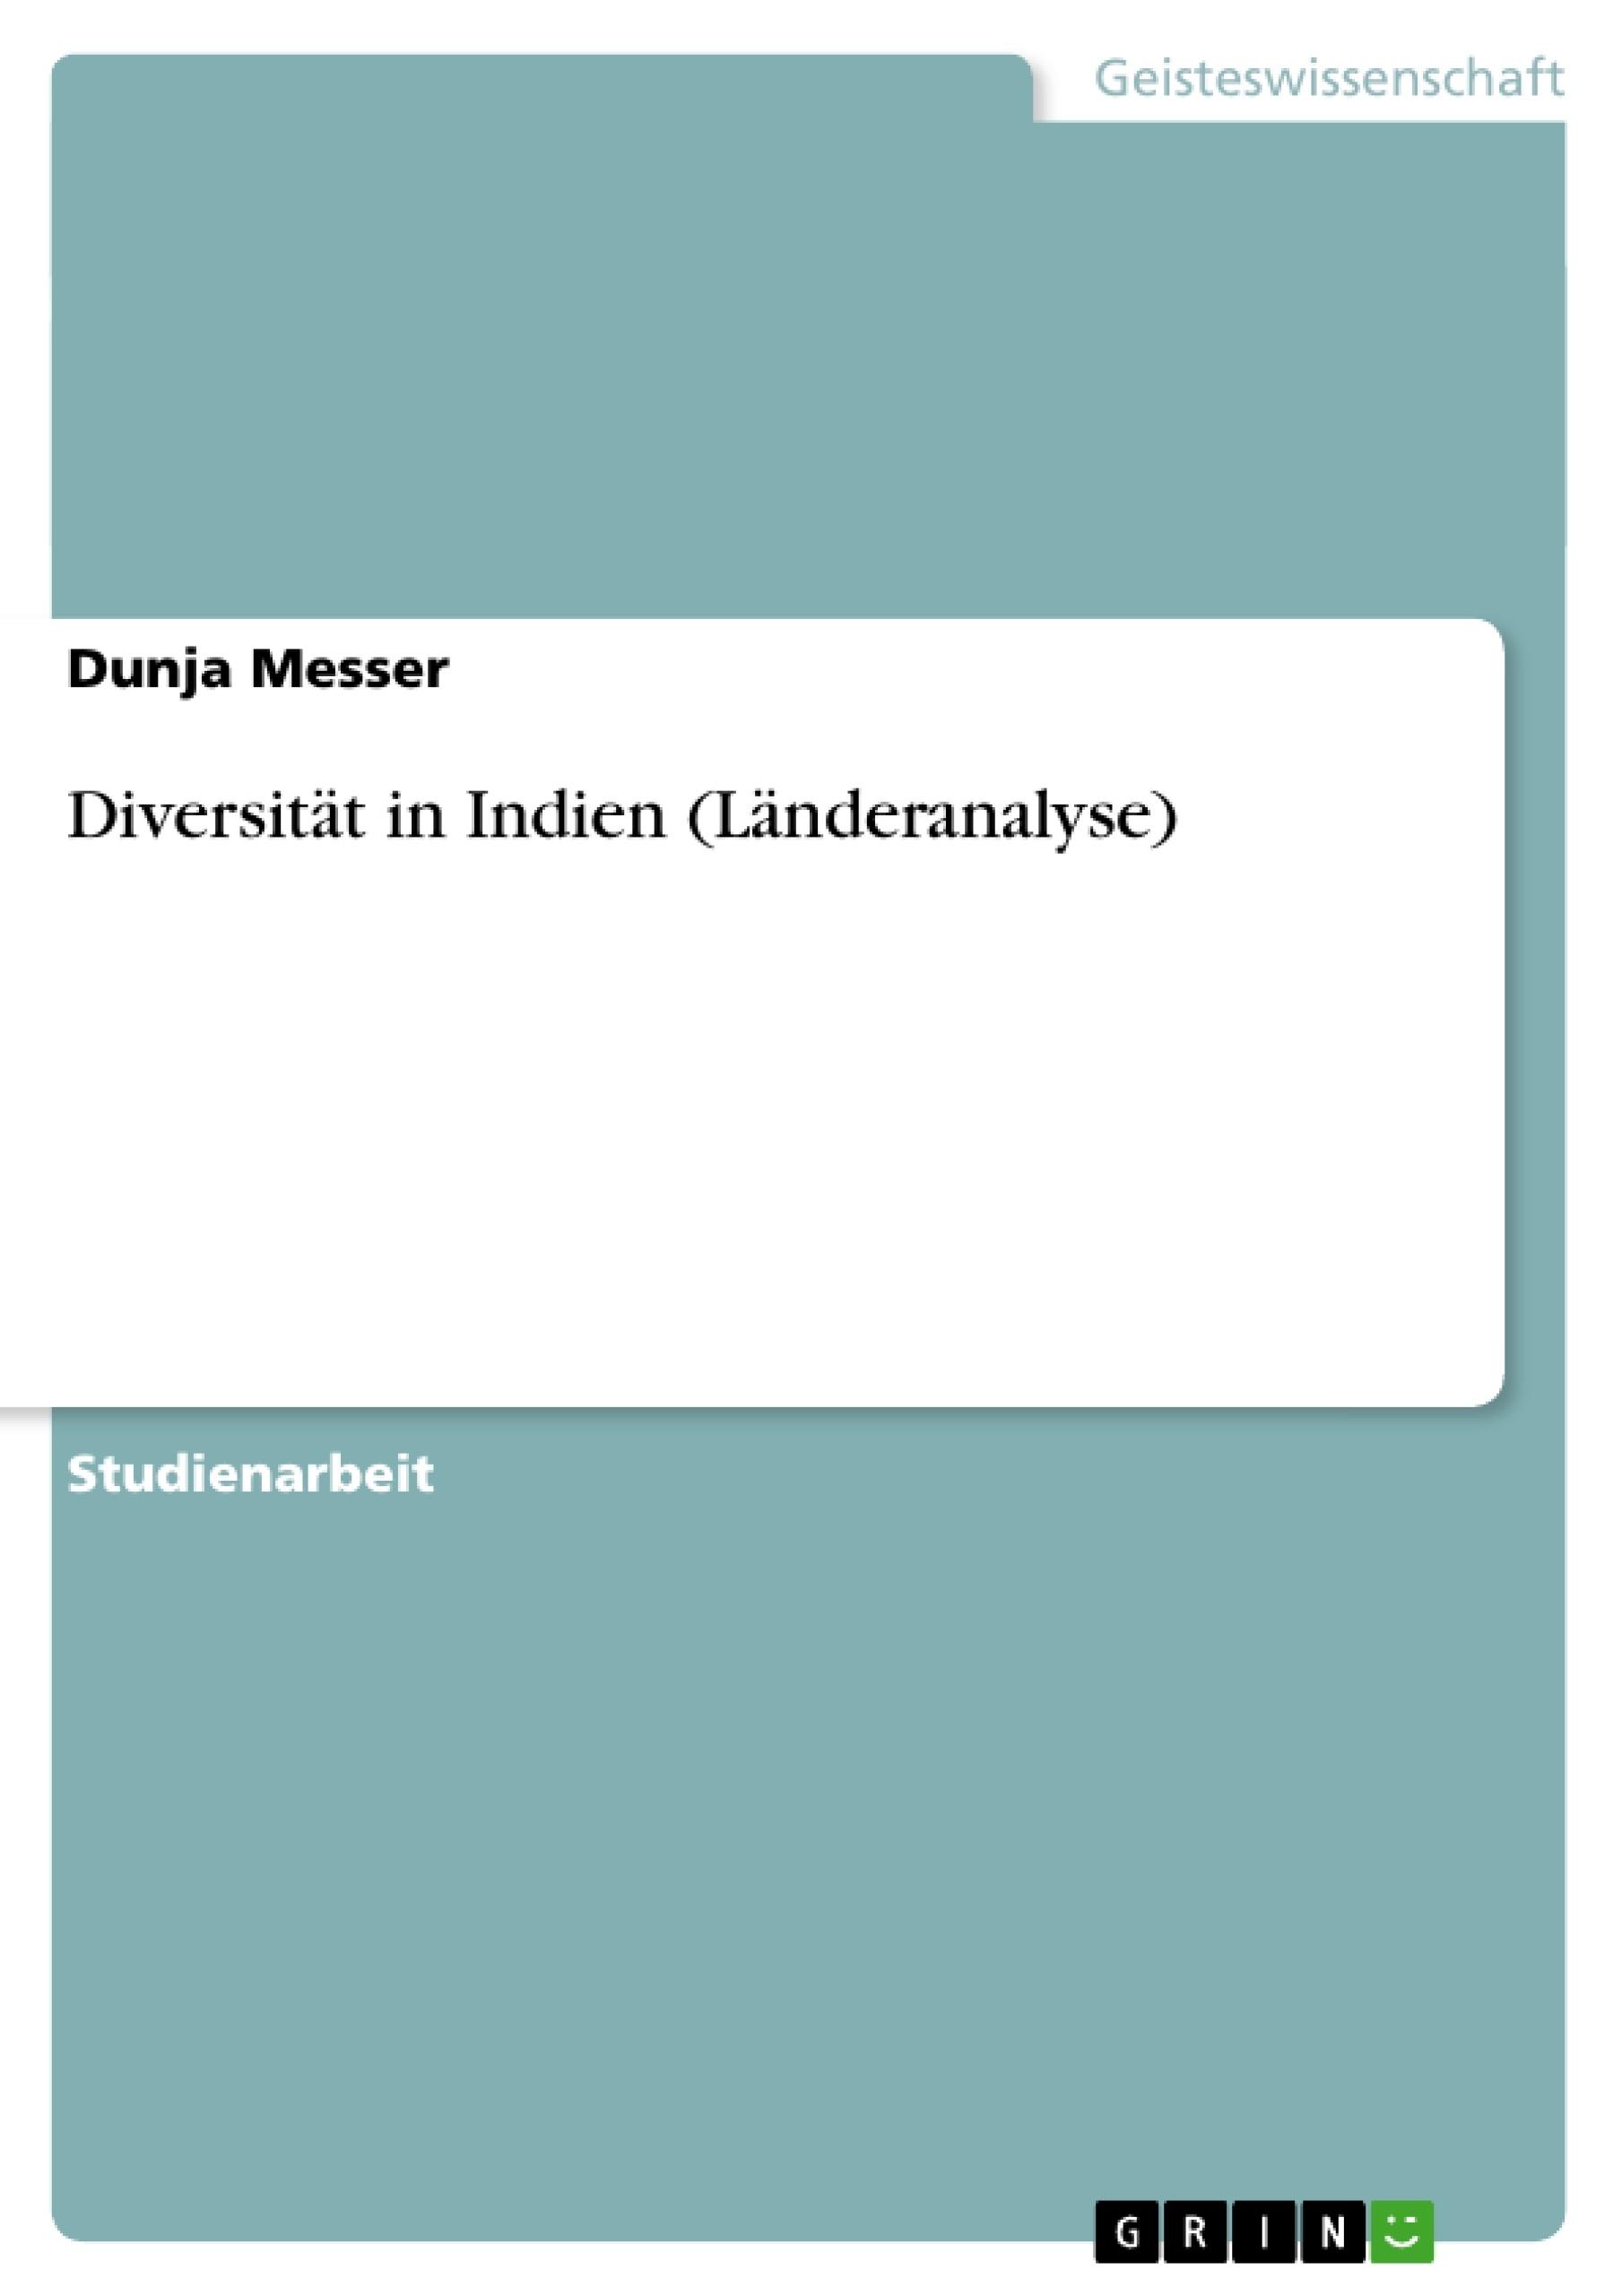 Titel: Diversität in Indien (Länderanalyse)